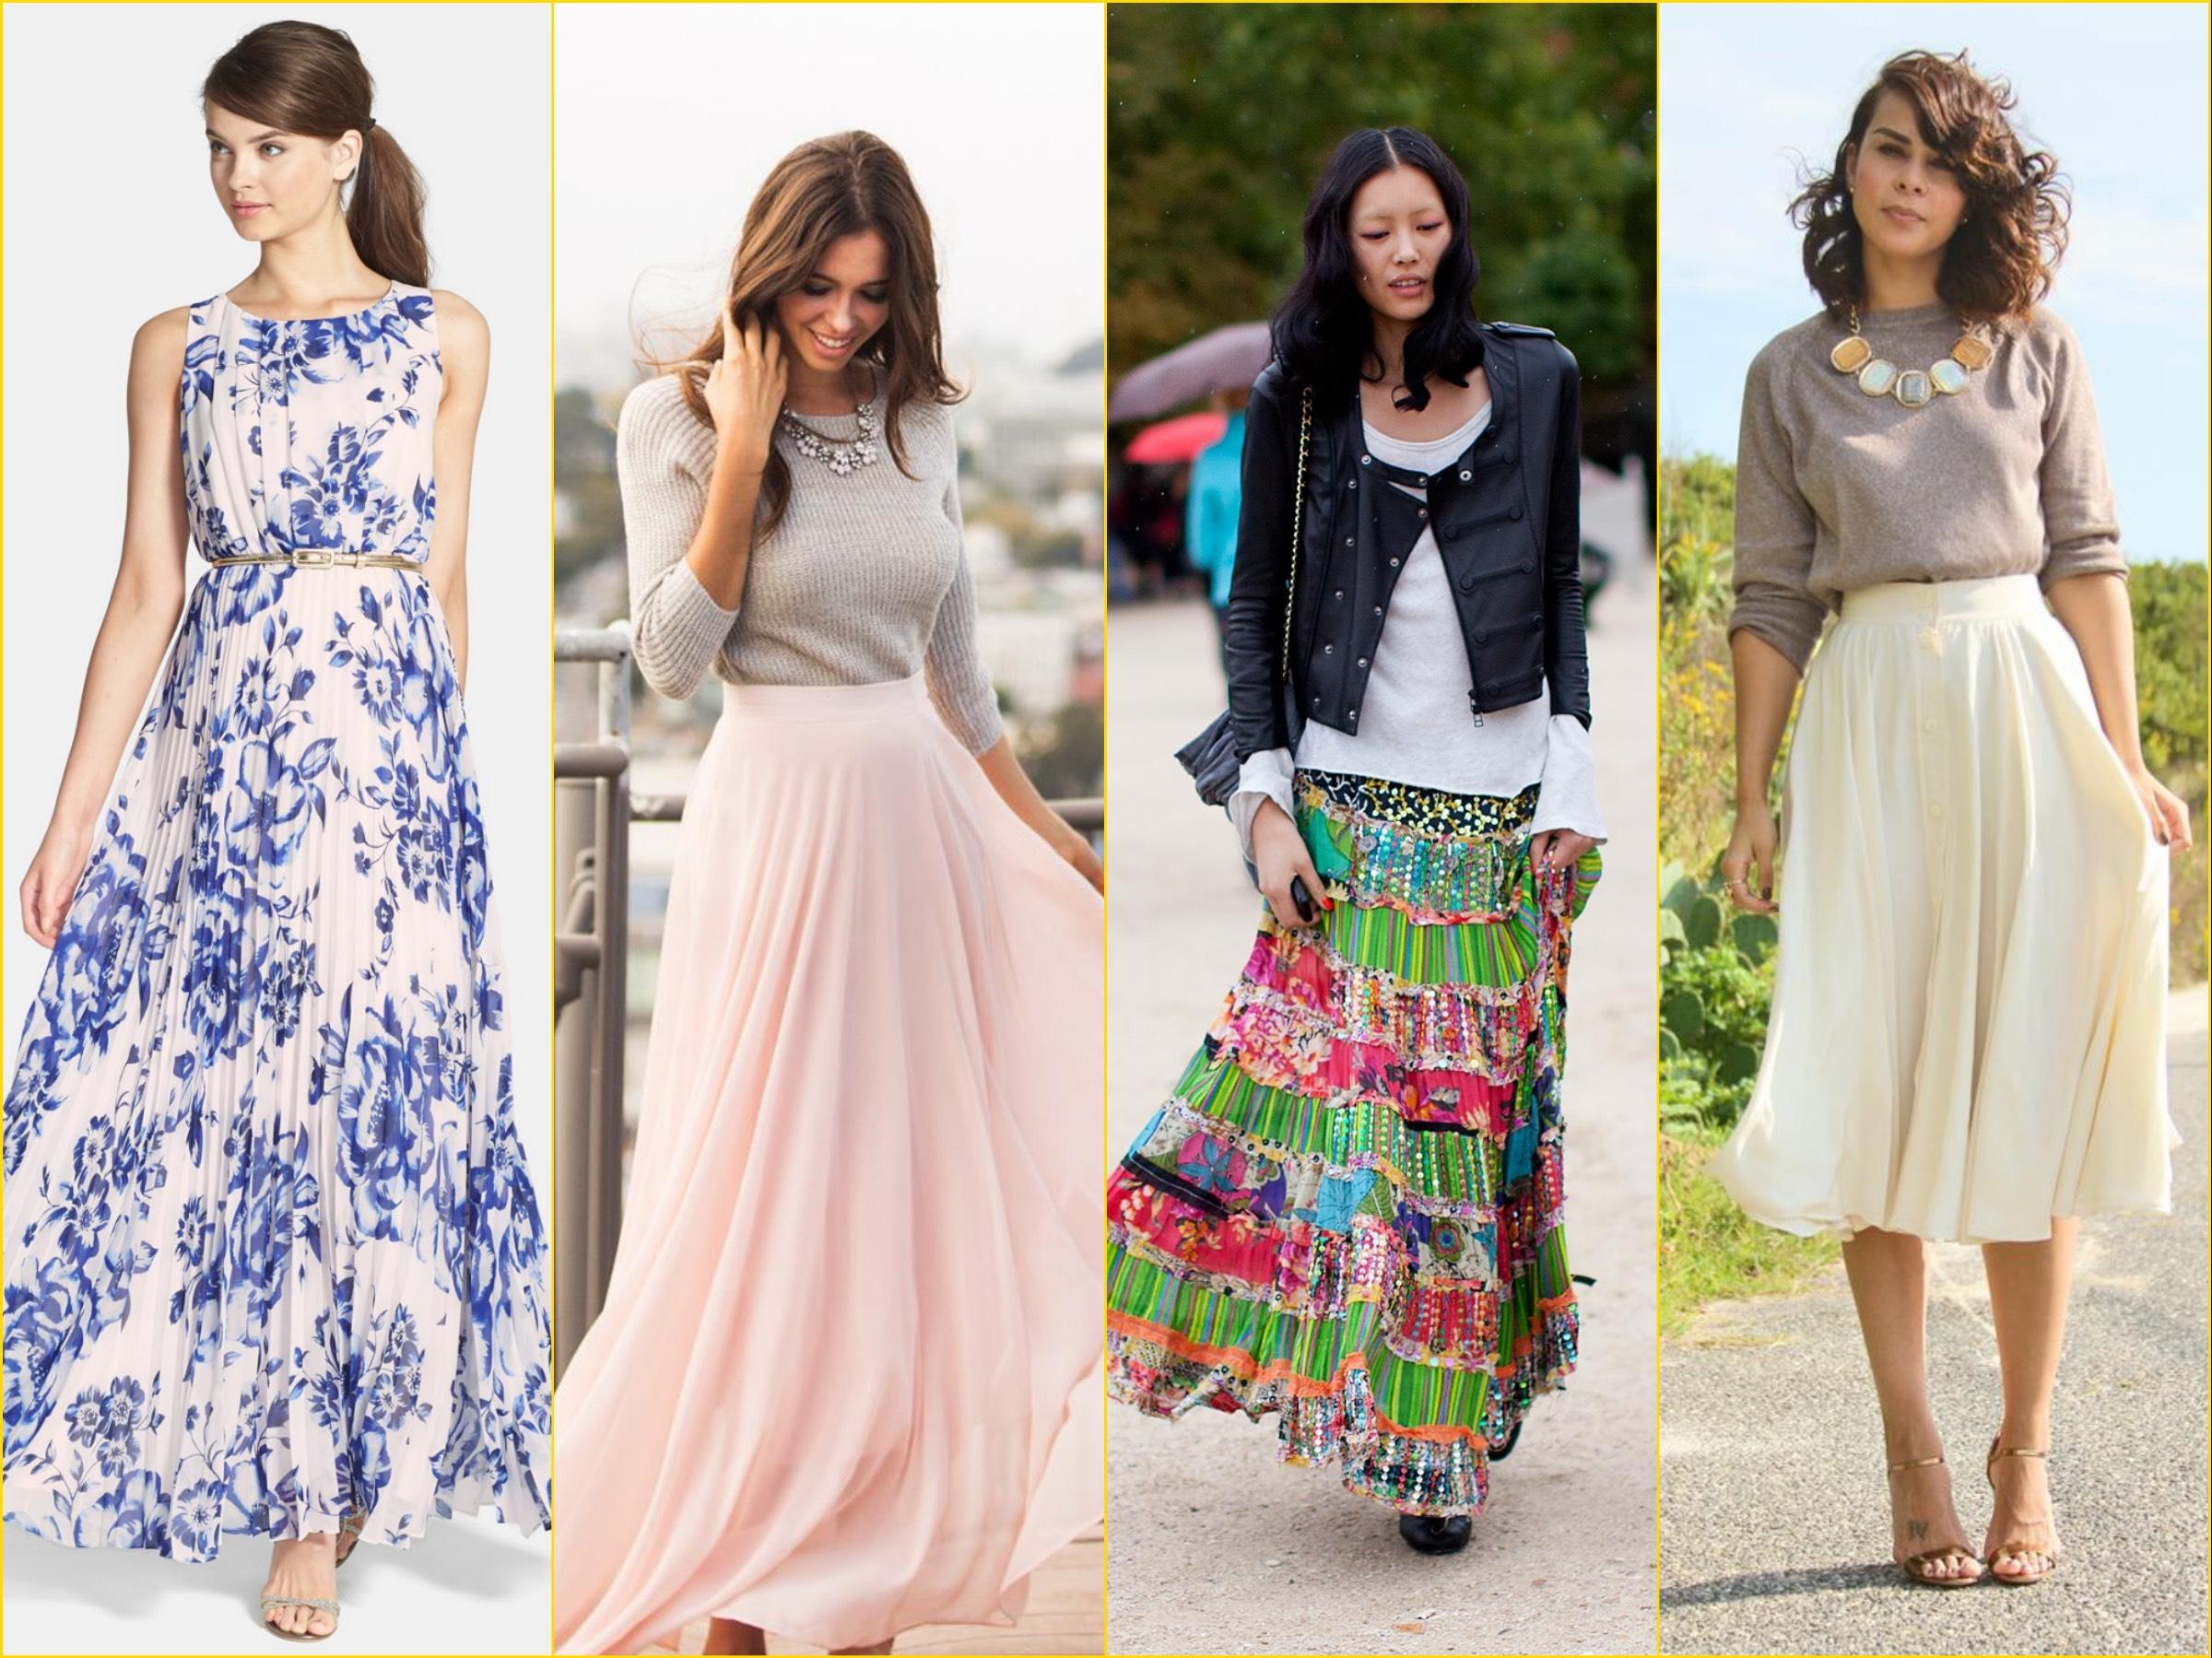 Choosing a skirt for a girl